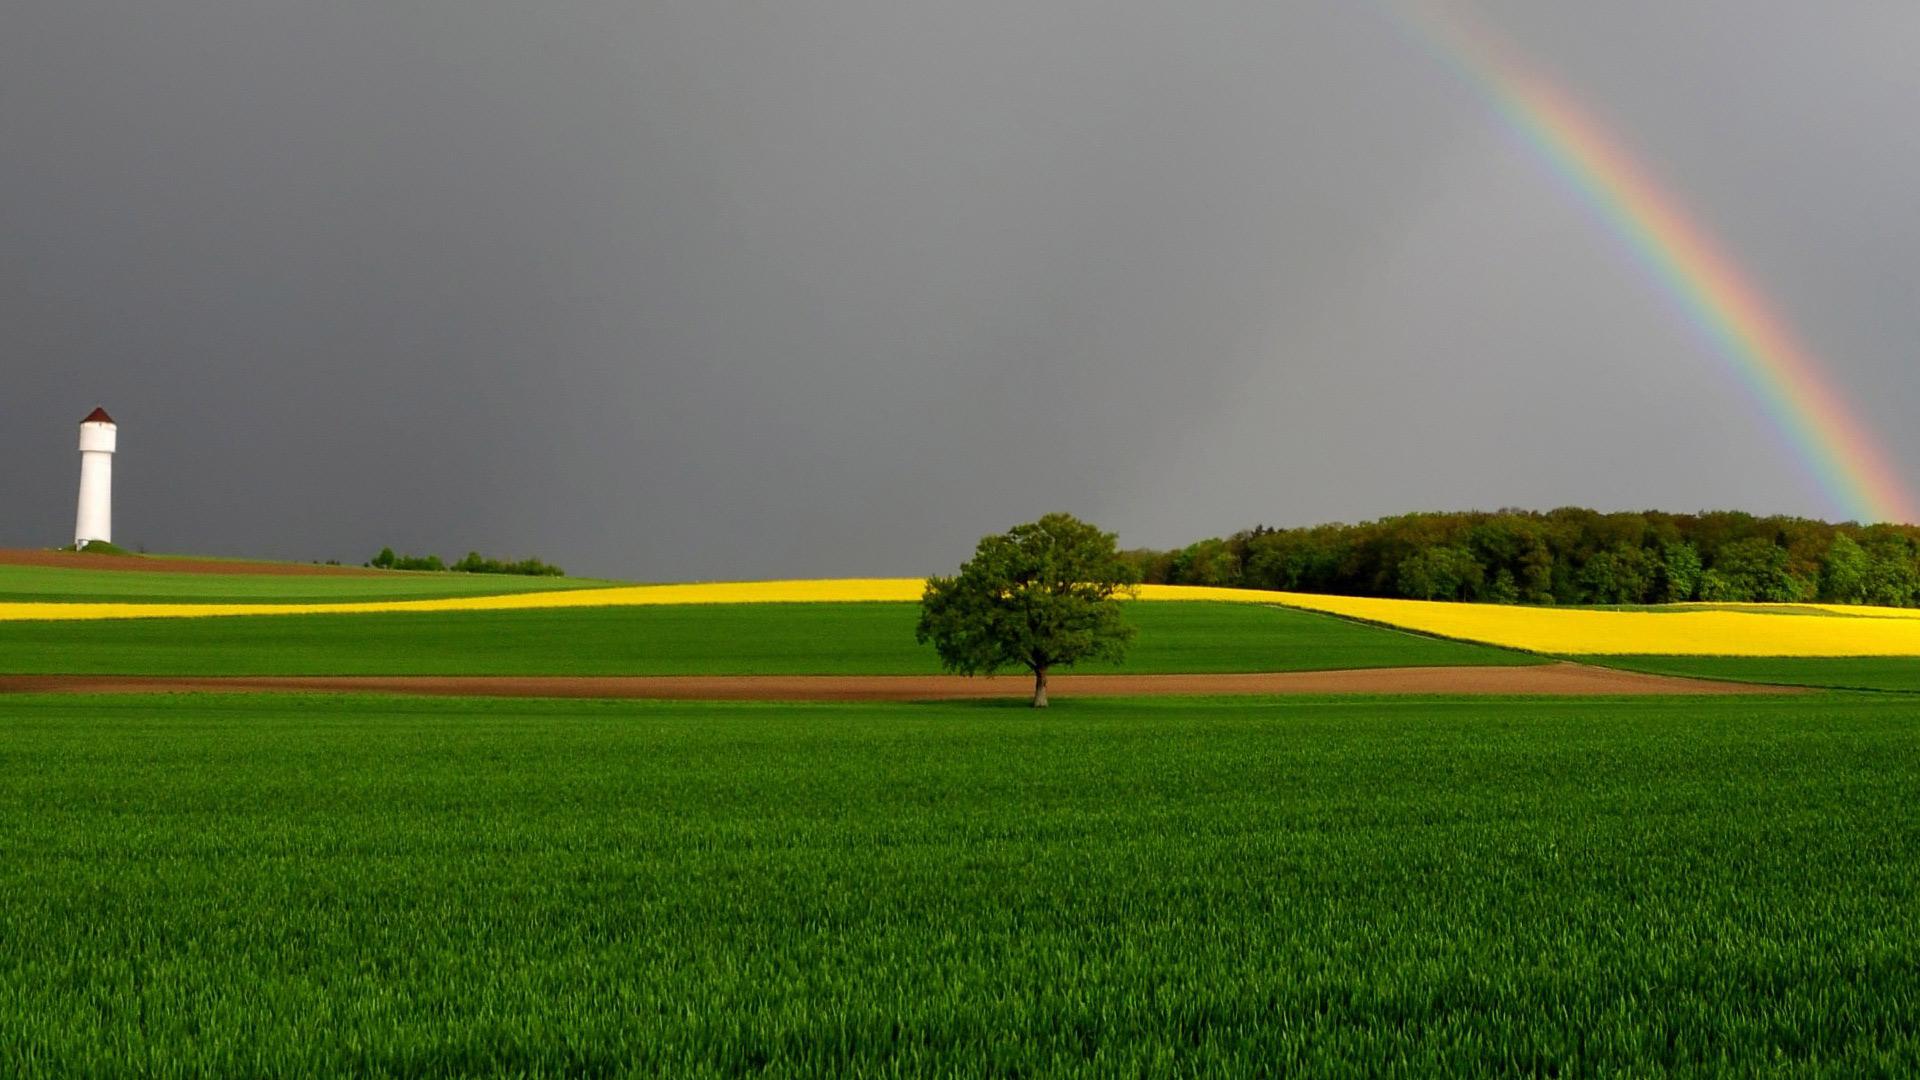 роскошное фотографии с радугой большое разрешение все